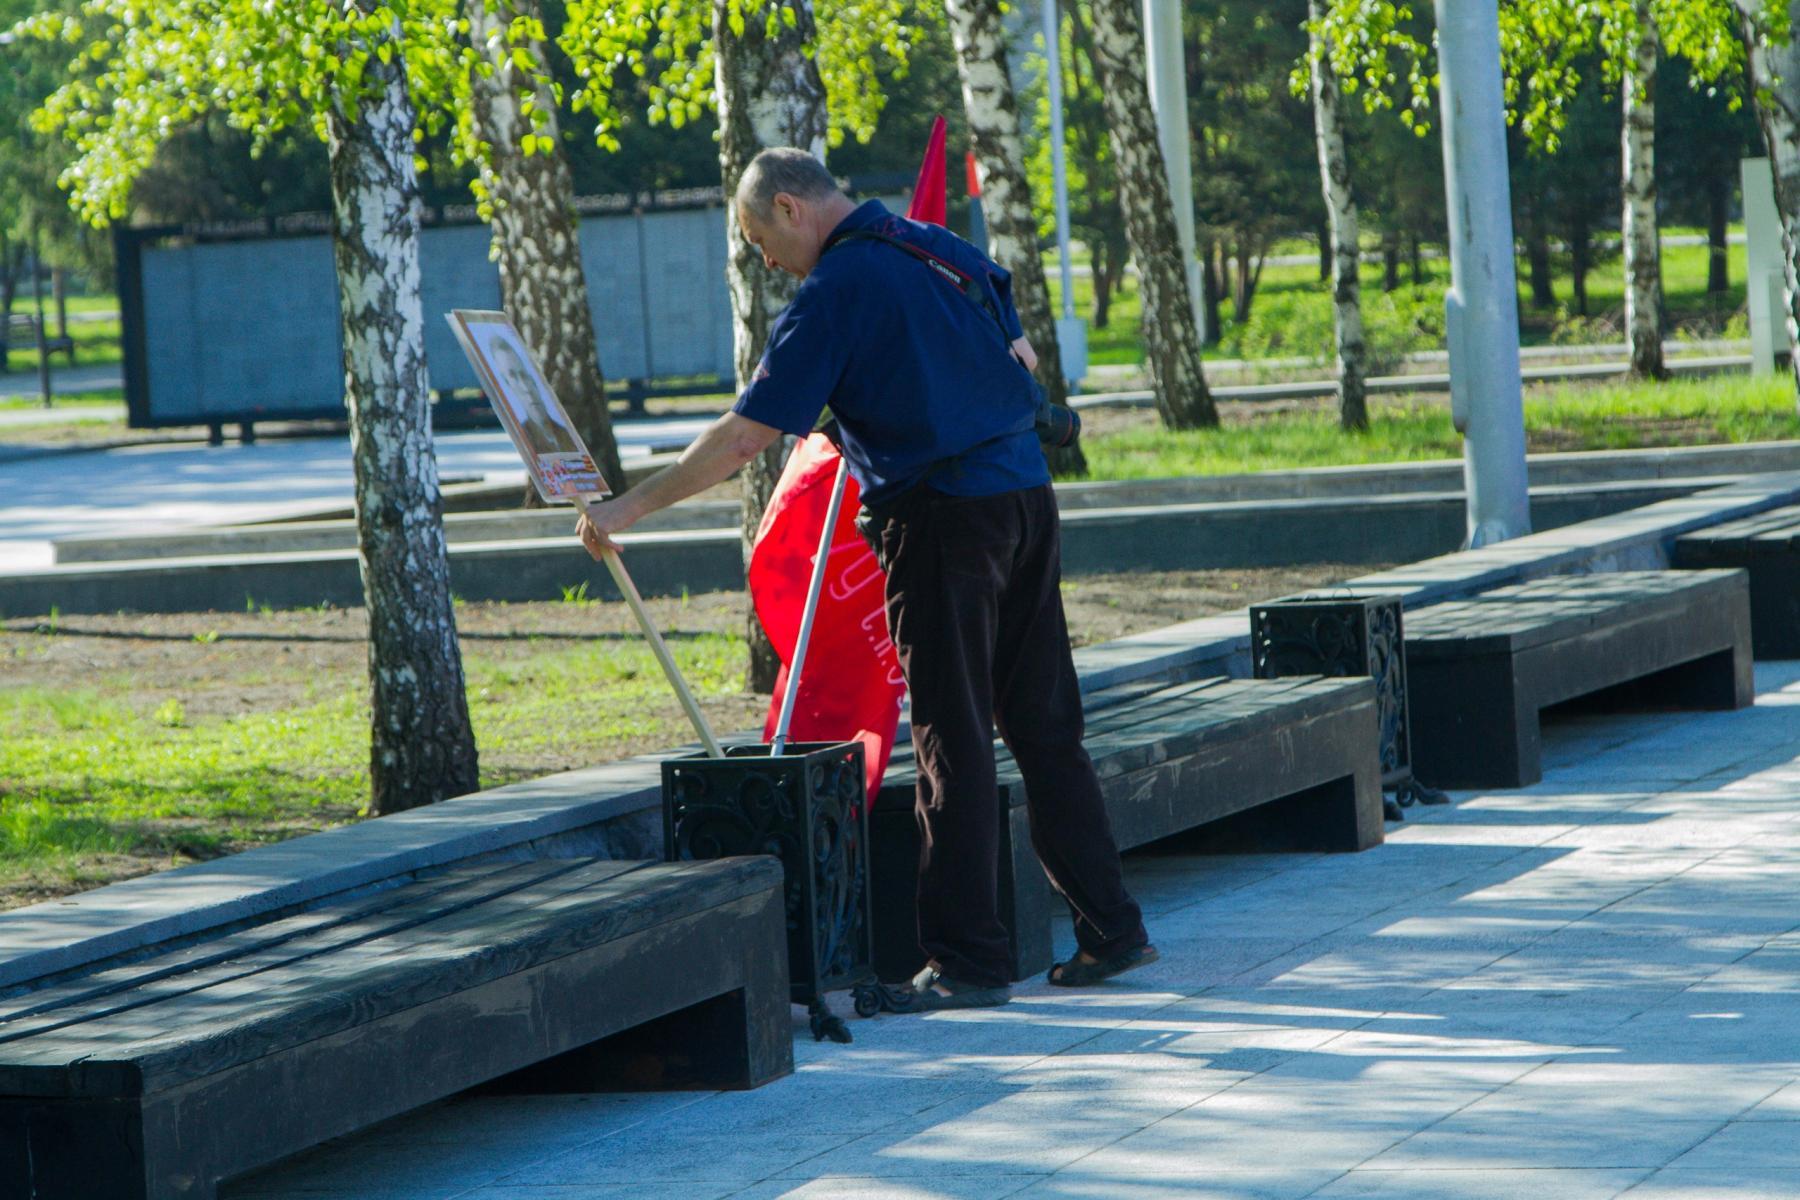 Фото Фото ветерана и Знамя Победы поставили в мусорную урну в Новосибирске 2